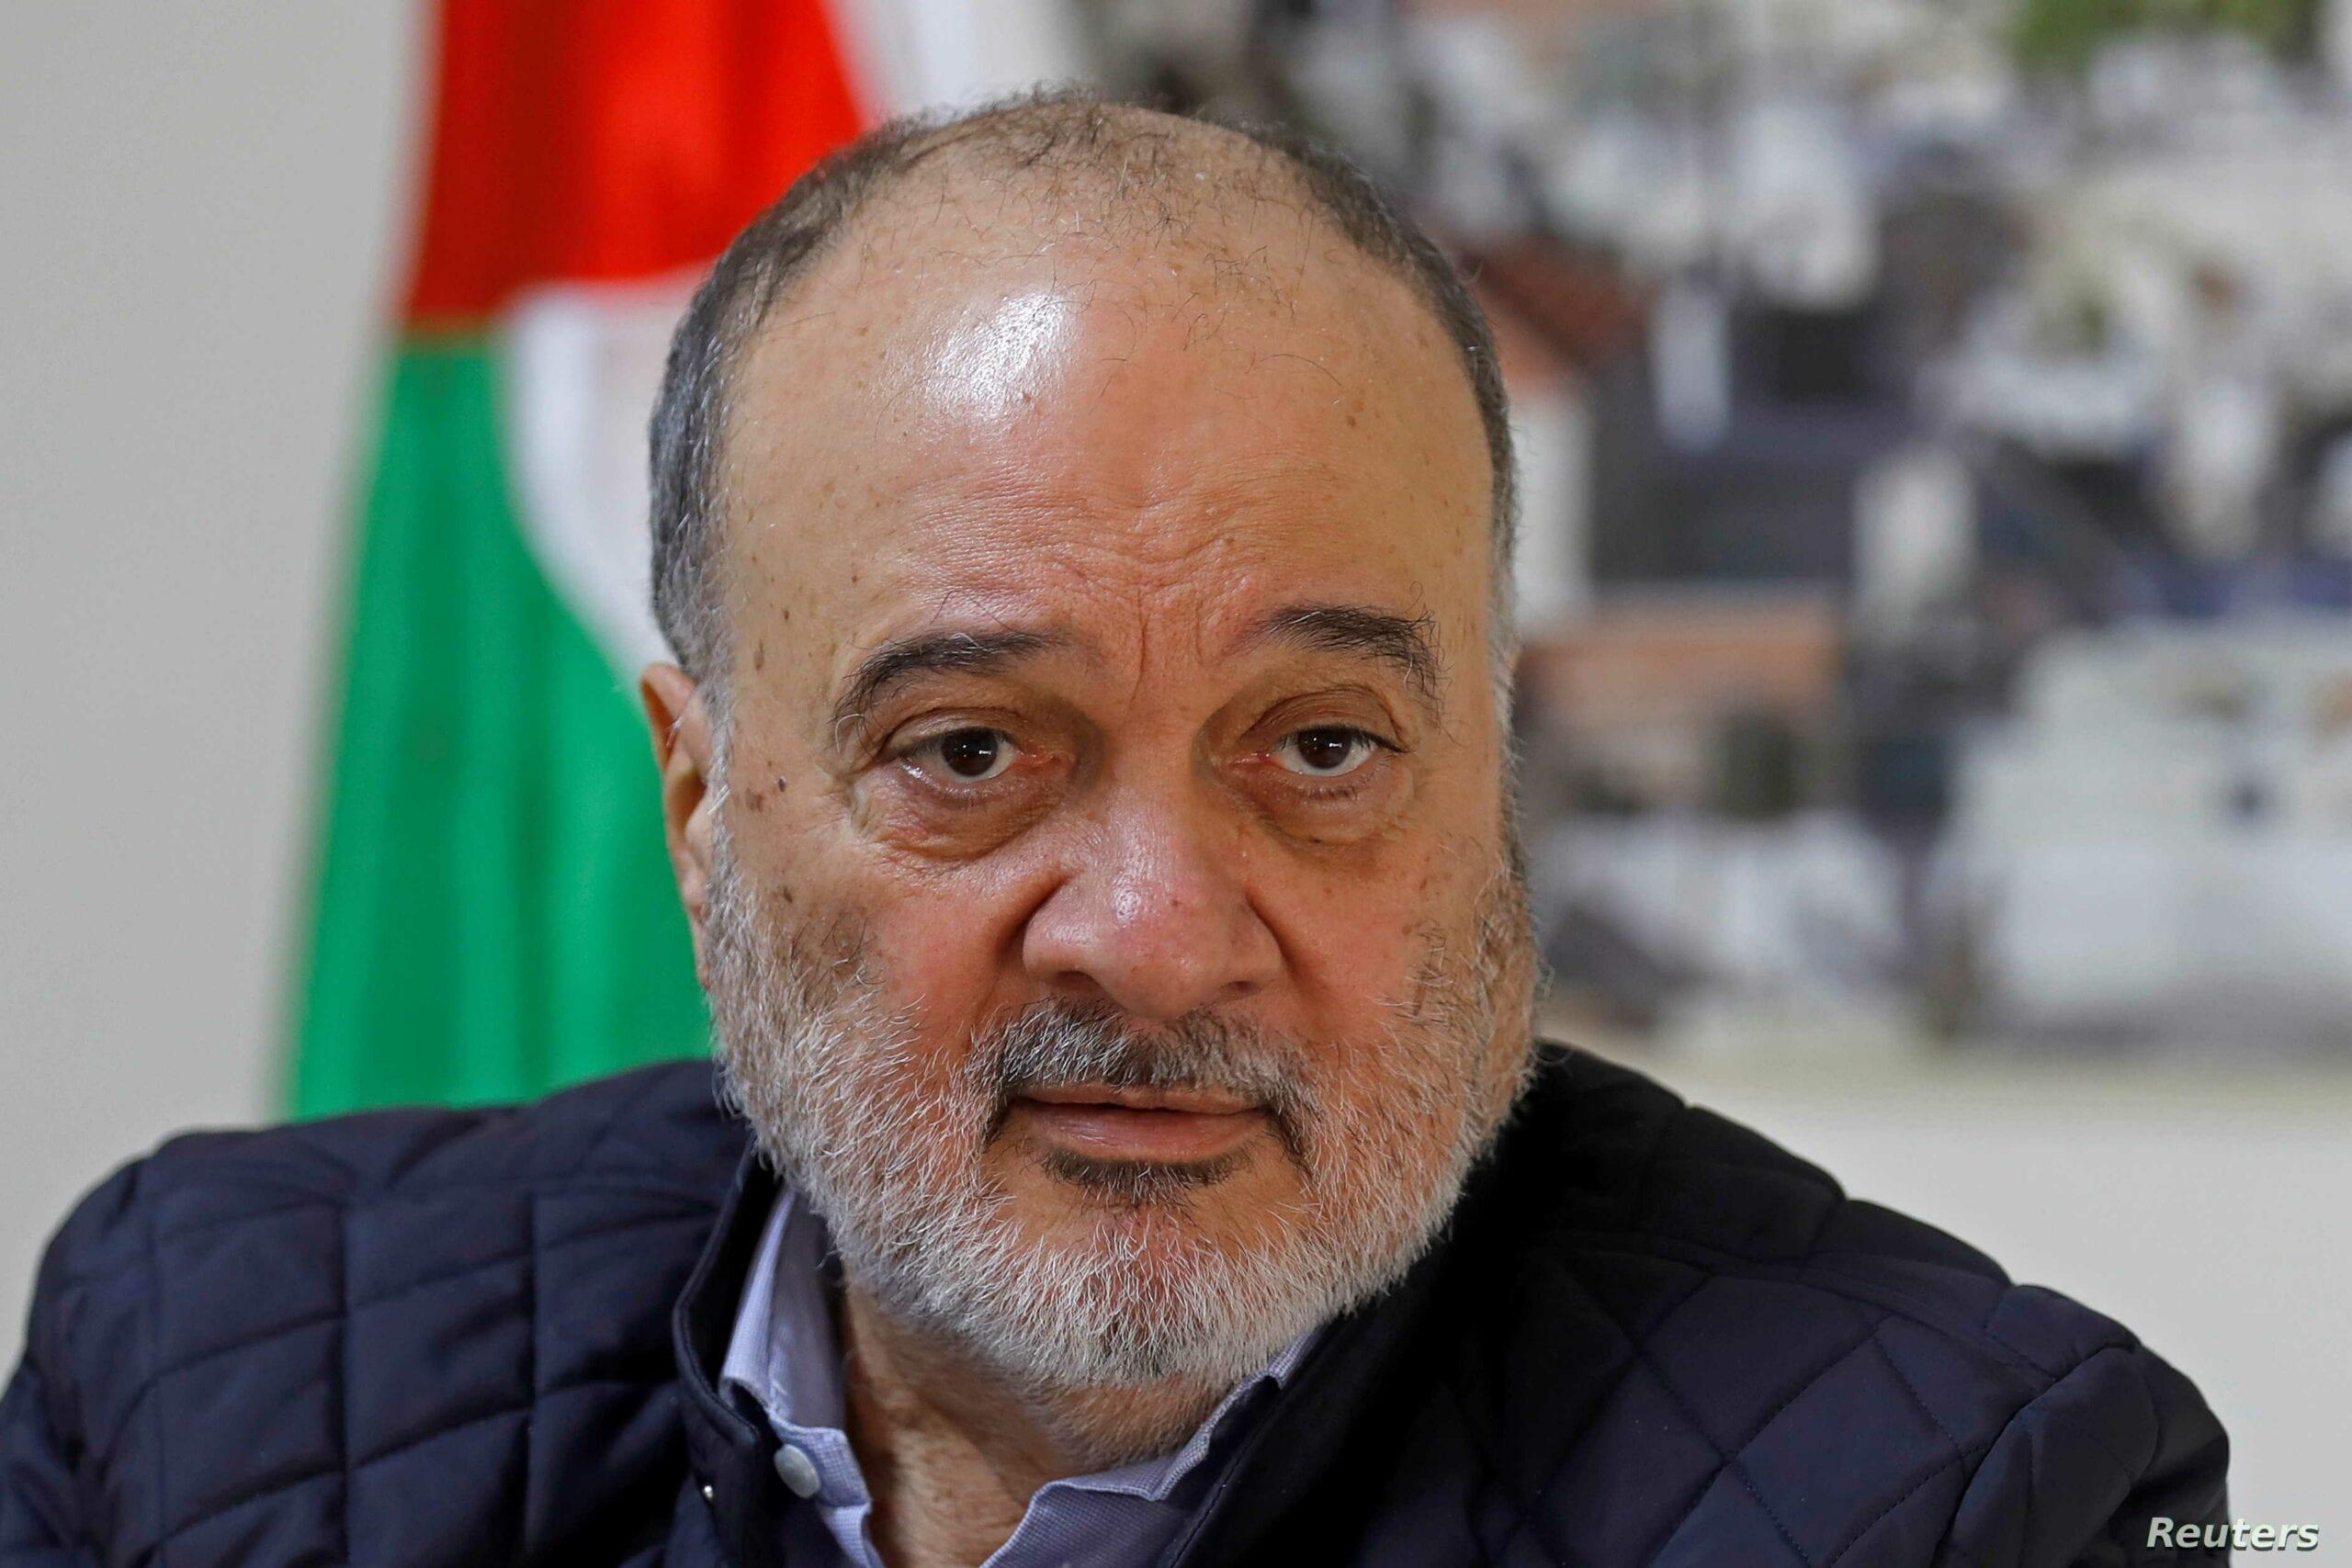 القدوة يتحدث عن الانتخابات والتحالف مع محمد دحلان ودعم البرغوثي